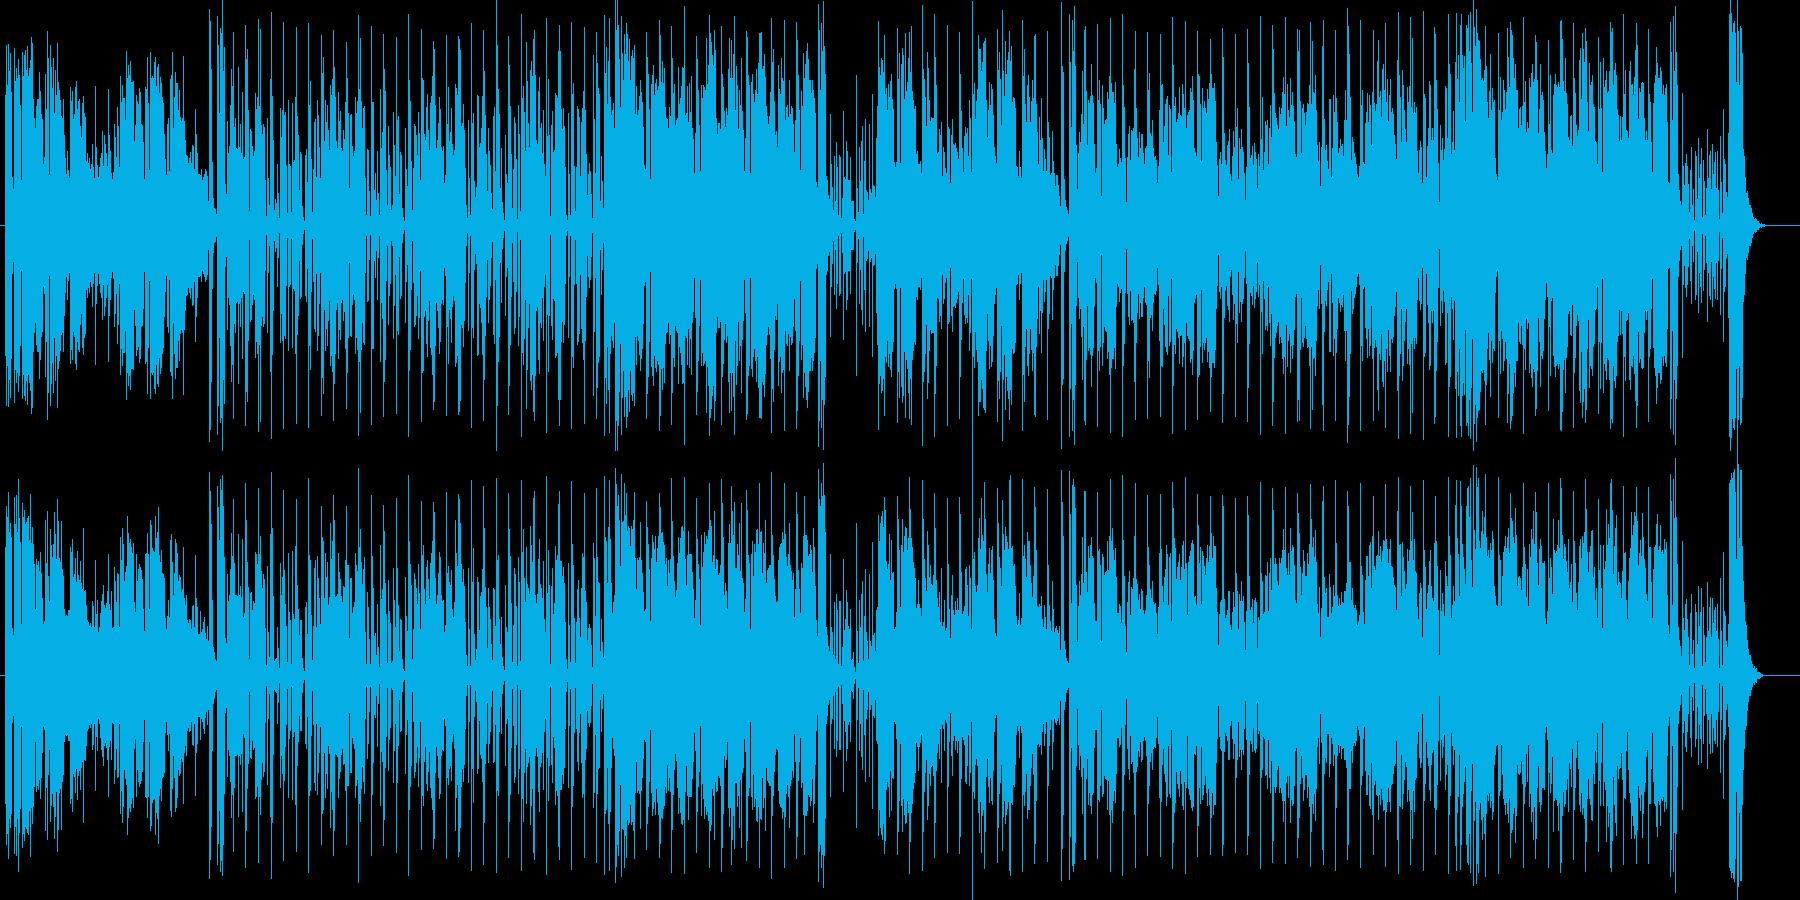 激しく勢いのあるポップミュージックの再生済みの波形